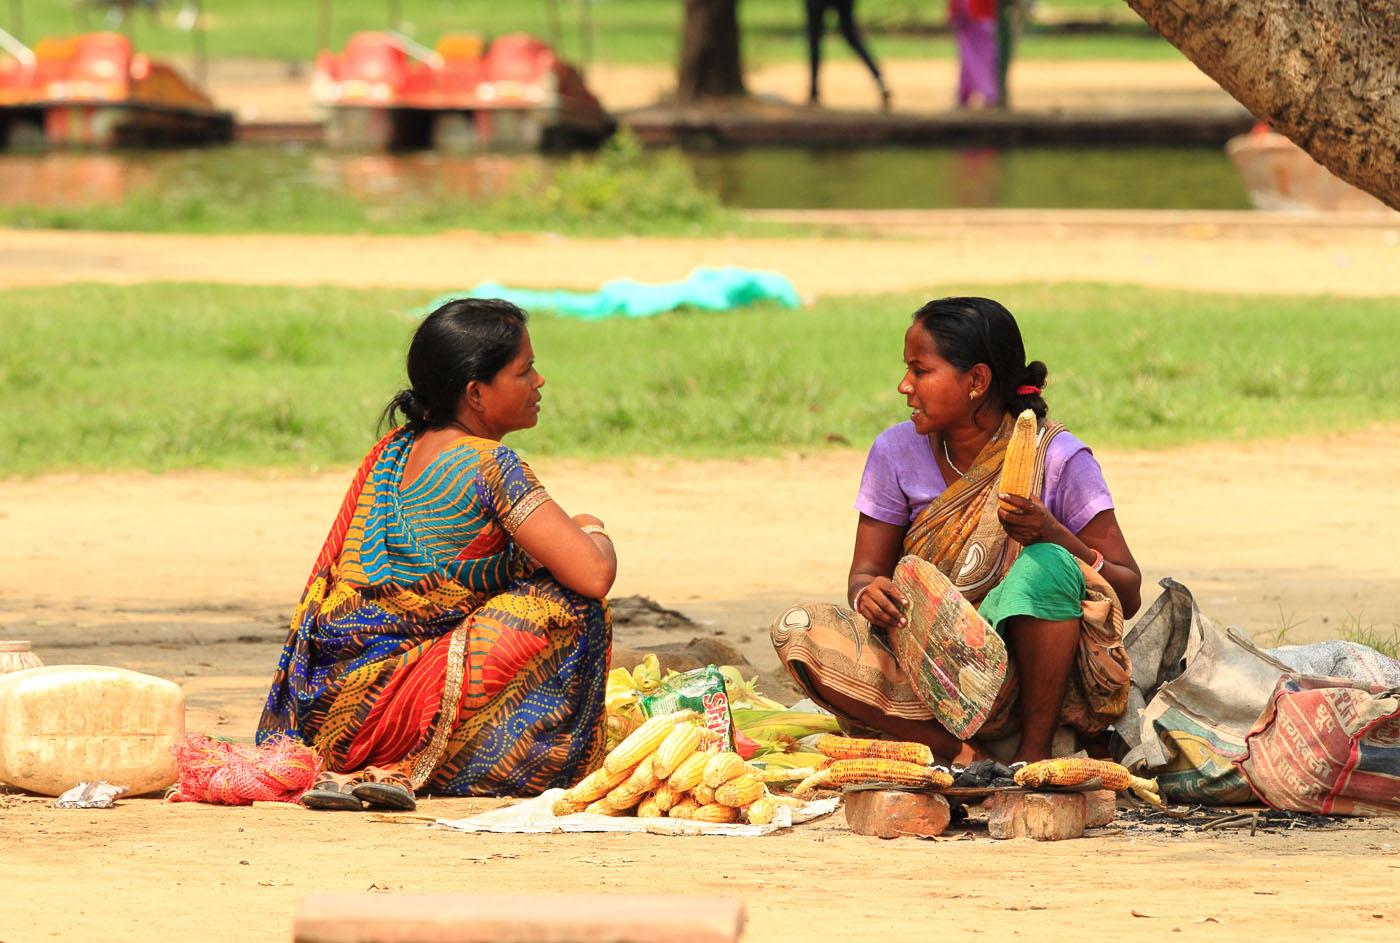 Фото 11. Отчеты о путешествии по Золотому треугольнику. Экскурсии в Дели. Разговор на повседневные темы